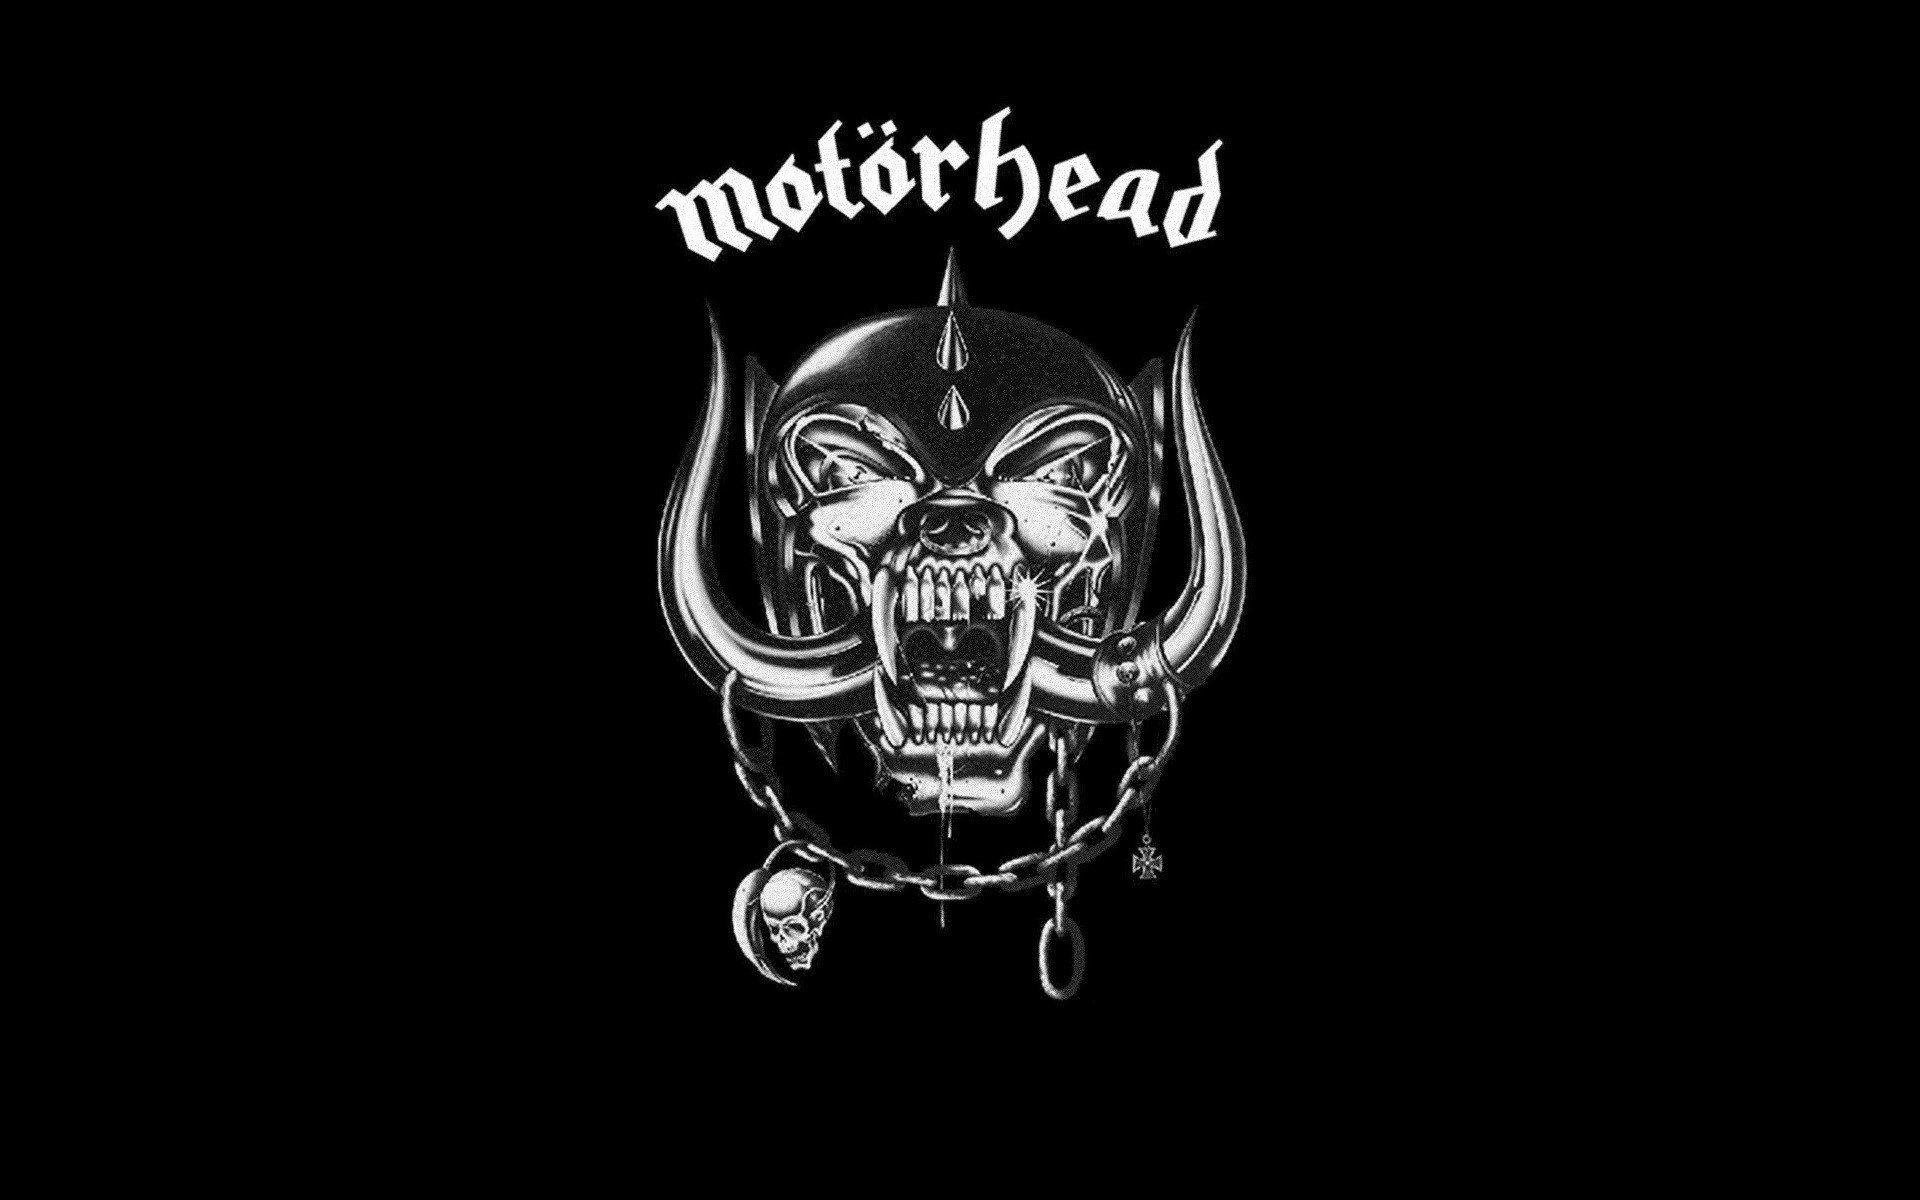 motorhead logo heavy metal hard rock HD wallpaper